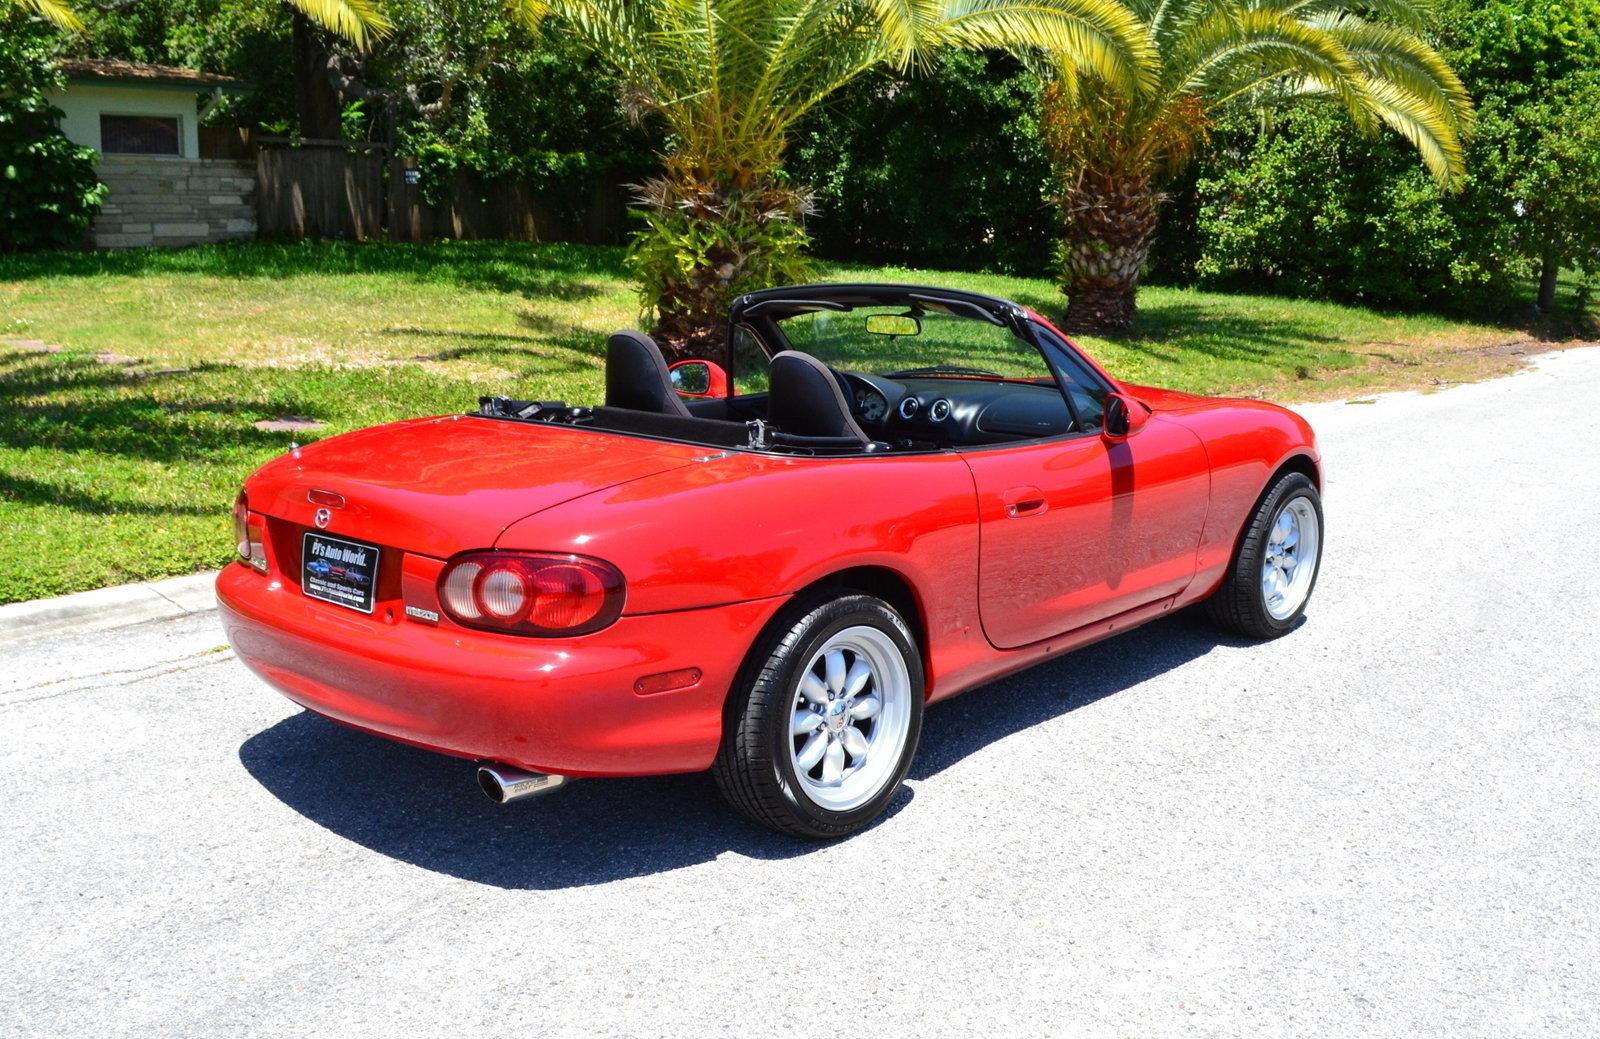 2002 mazda mx 5 miata pj 39 s auto world classic cars for sale. Black Bedroom Furniture Sets. Home Design Ideas